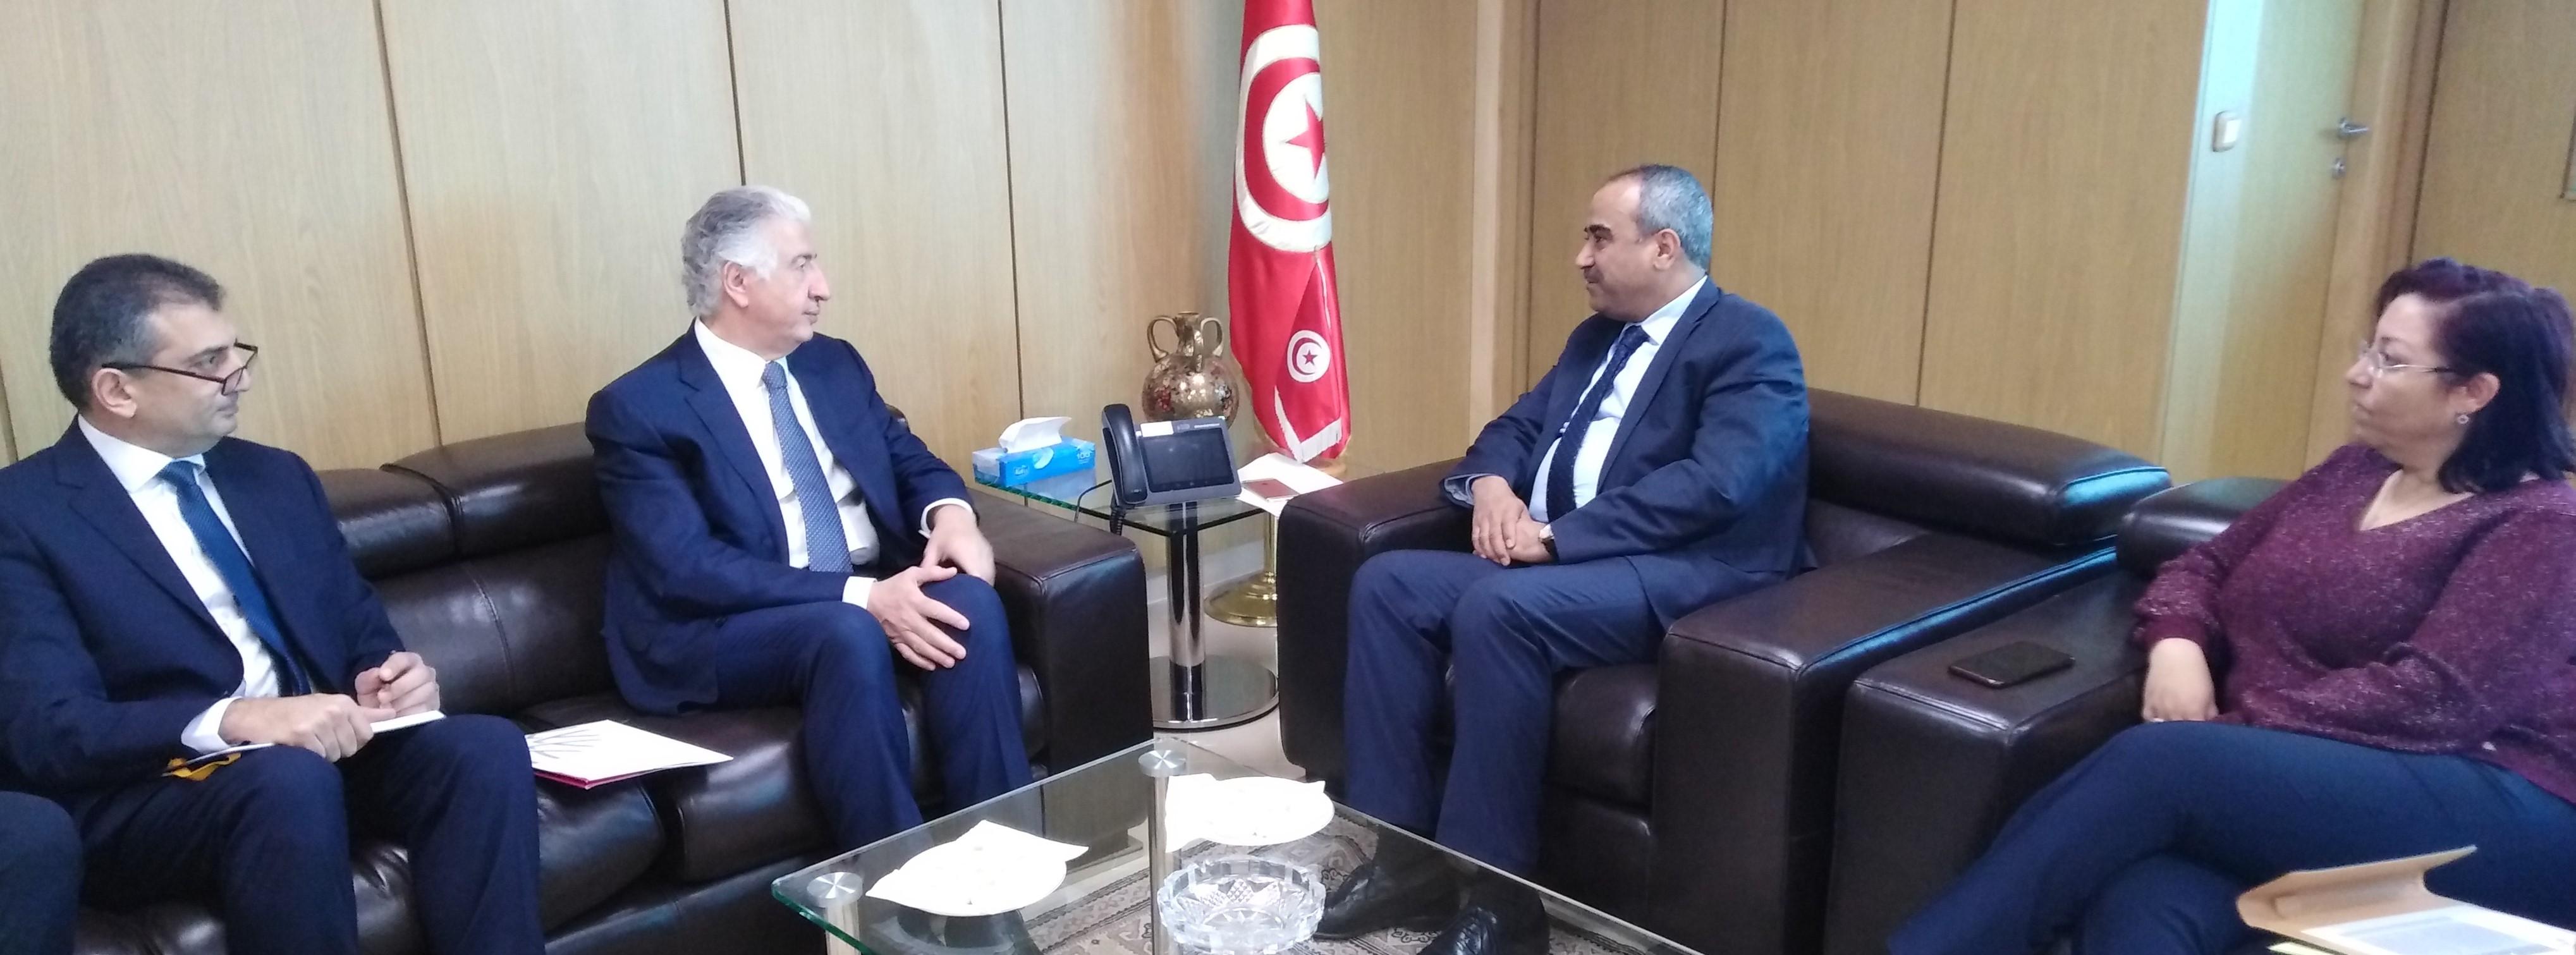 """نوفمبر 2020: تونس تحتضن اجتماع مجلس حوكمة برنامج """"جسور التجارة العربية الإفريقية"""":"""